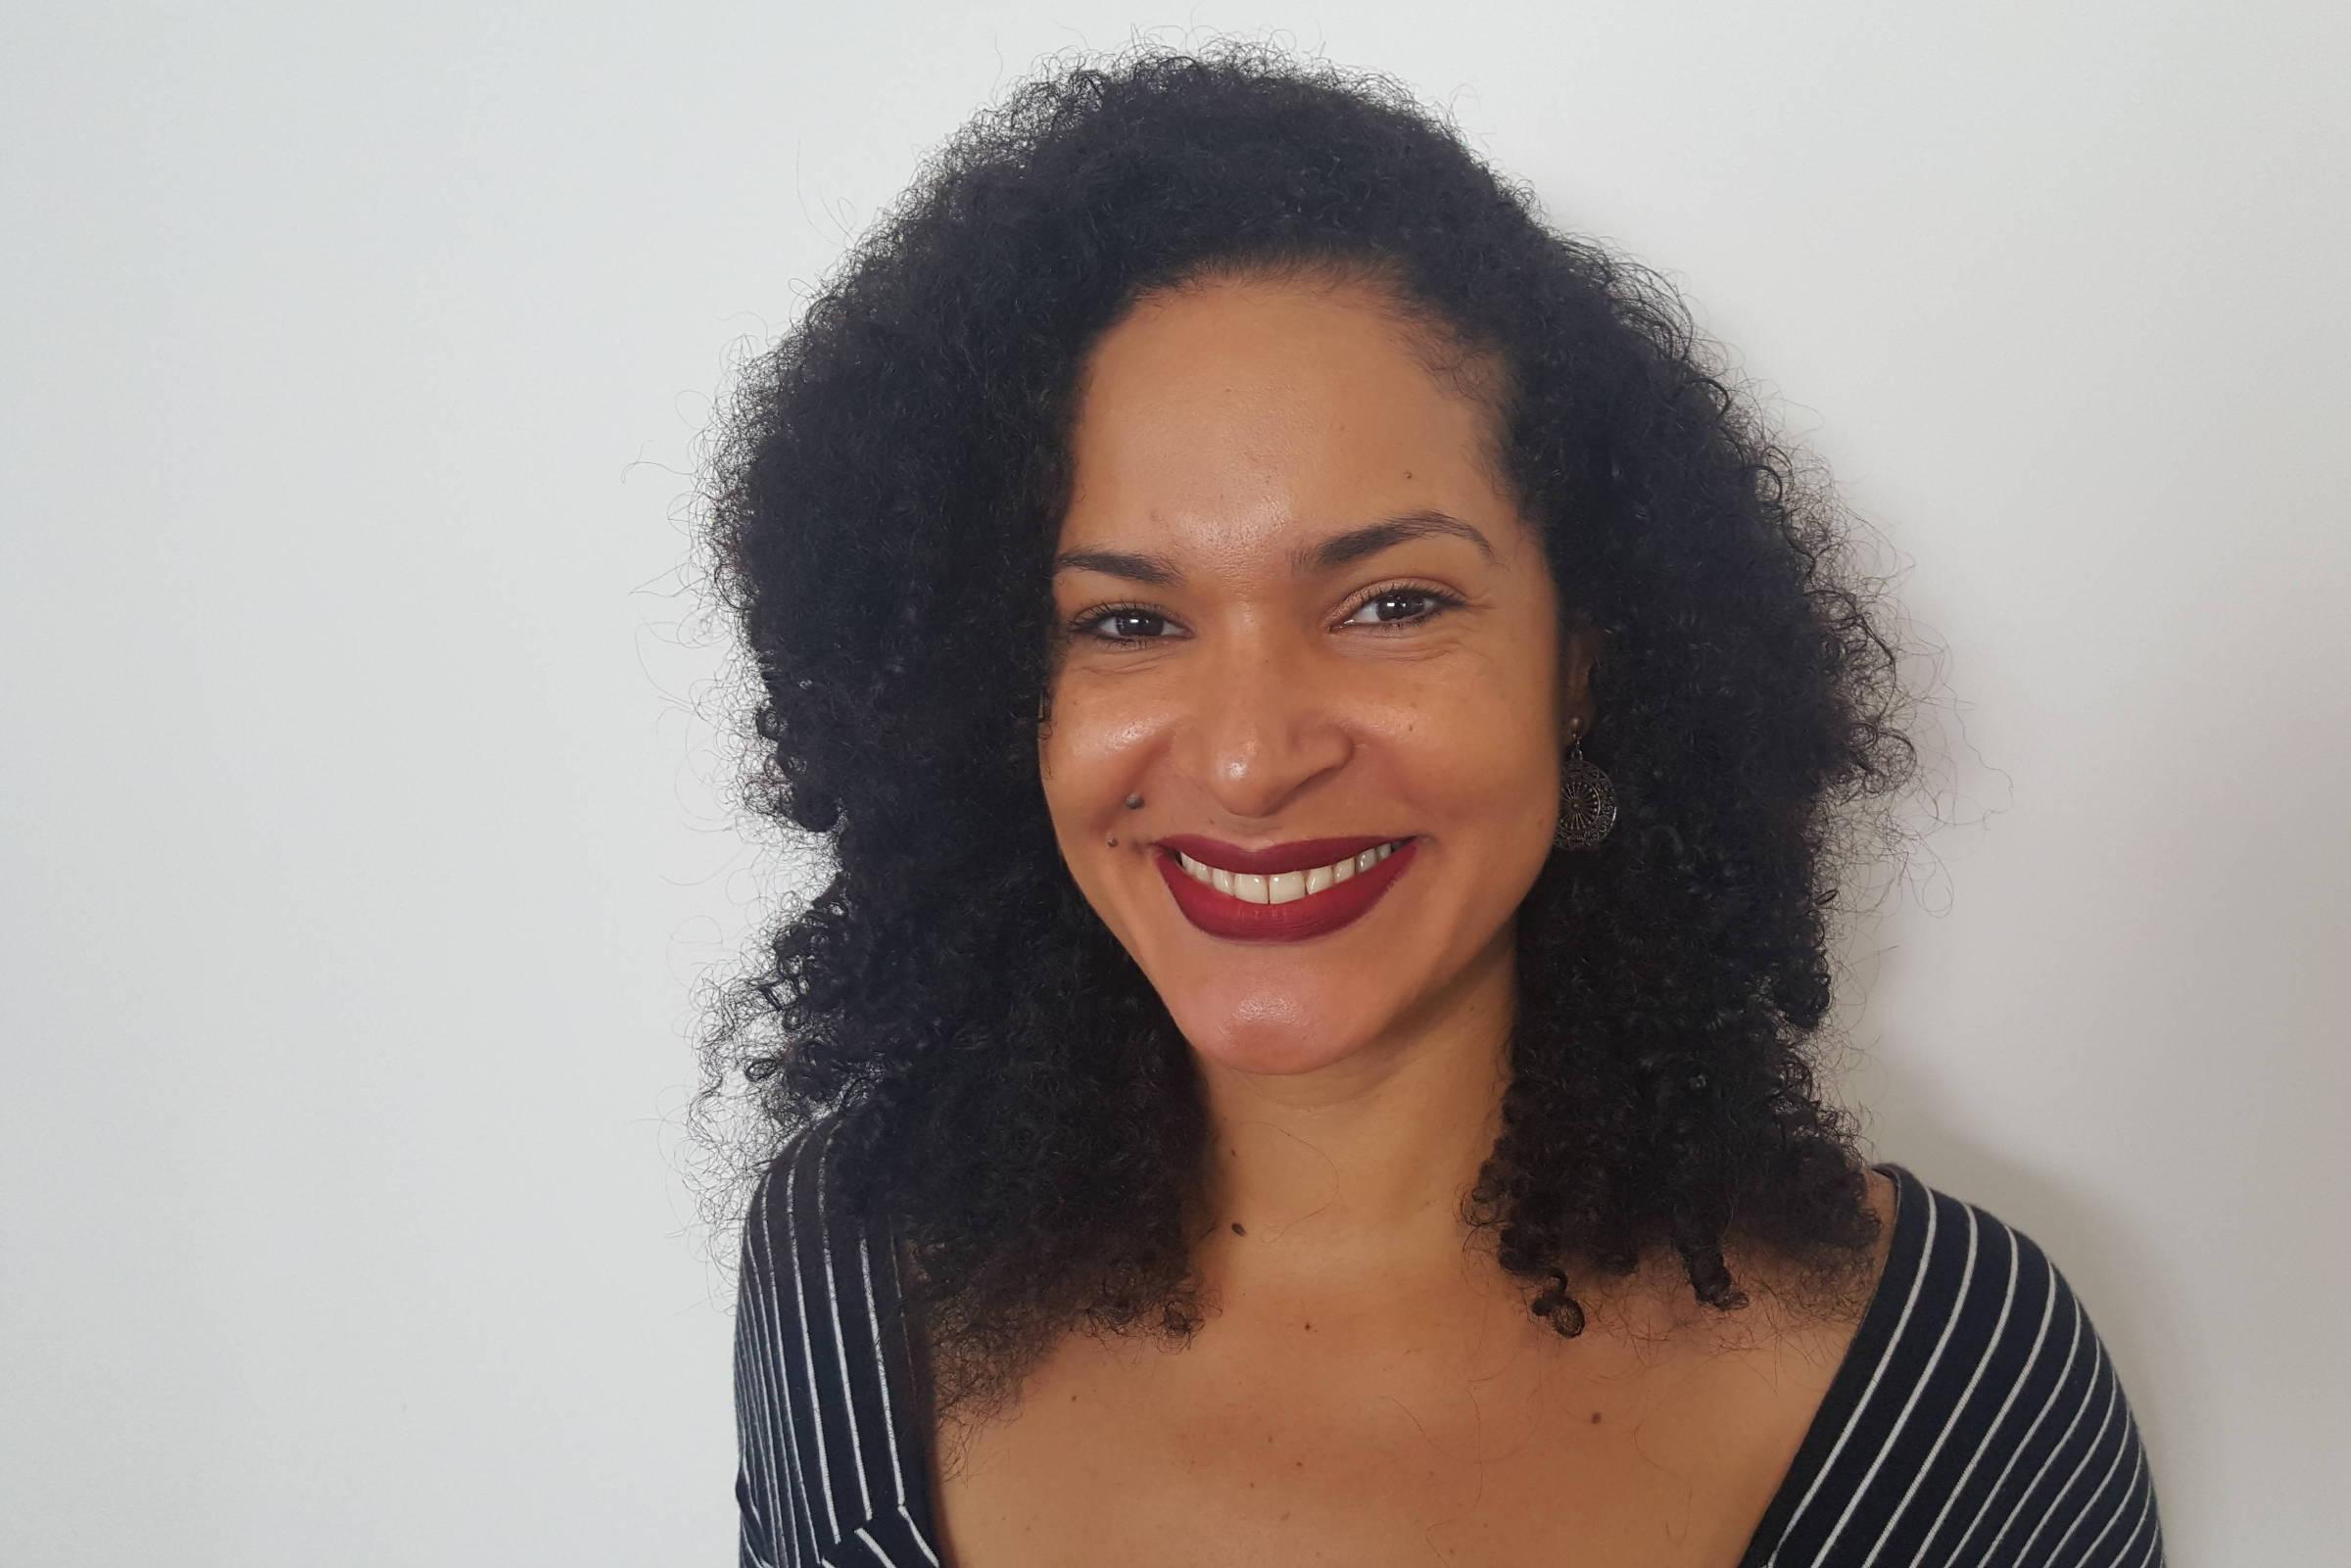 A historiadora Tauá Lourenço Pires, coordenadora de programas na Oxfam Brasil - Divulgação